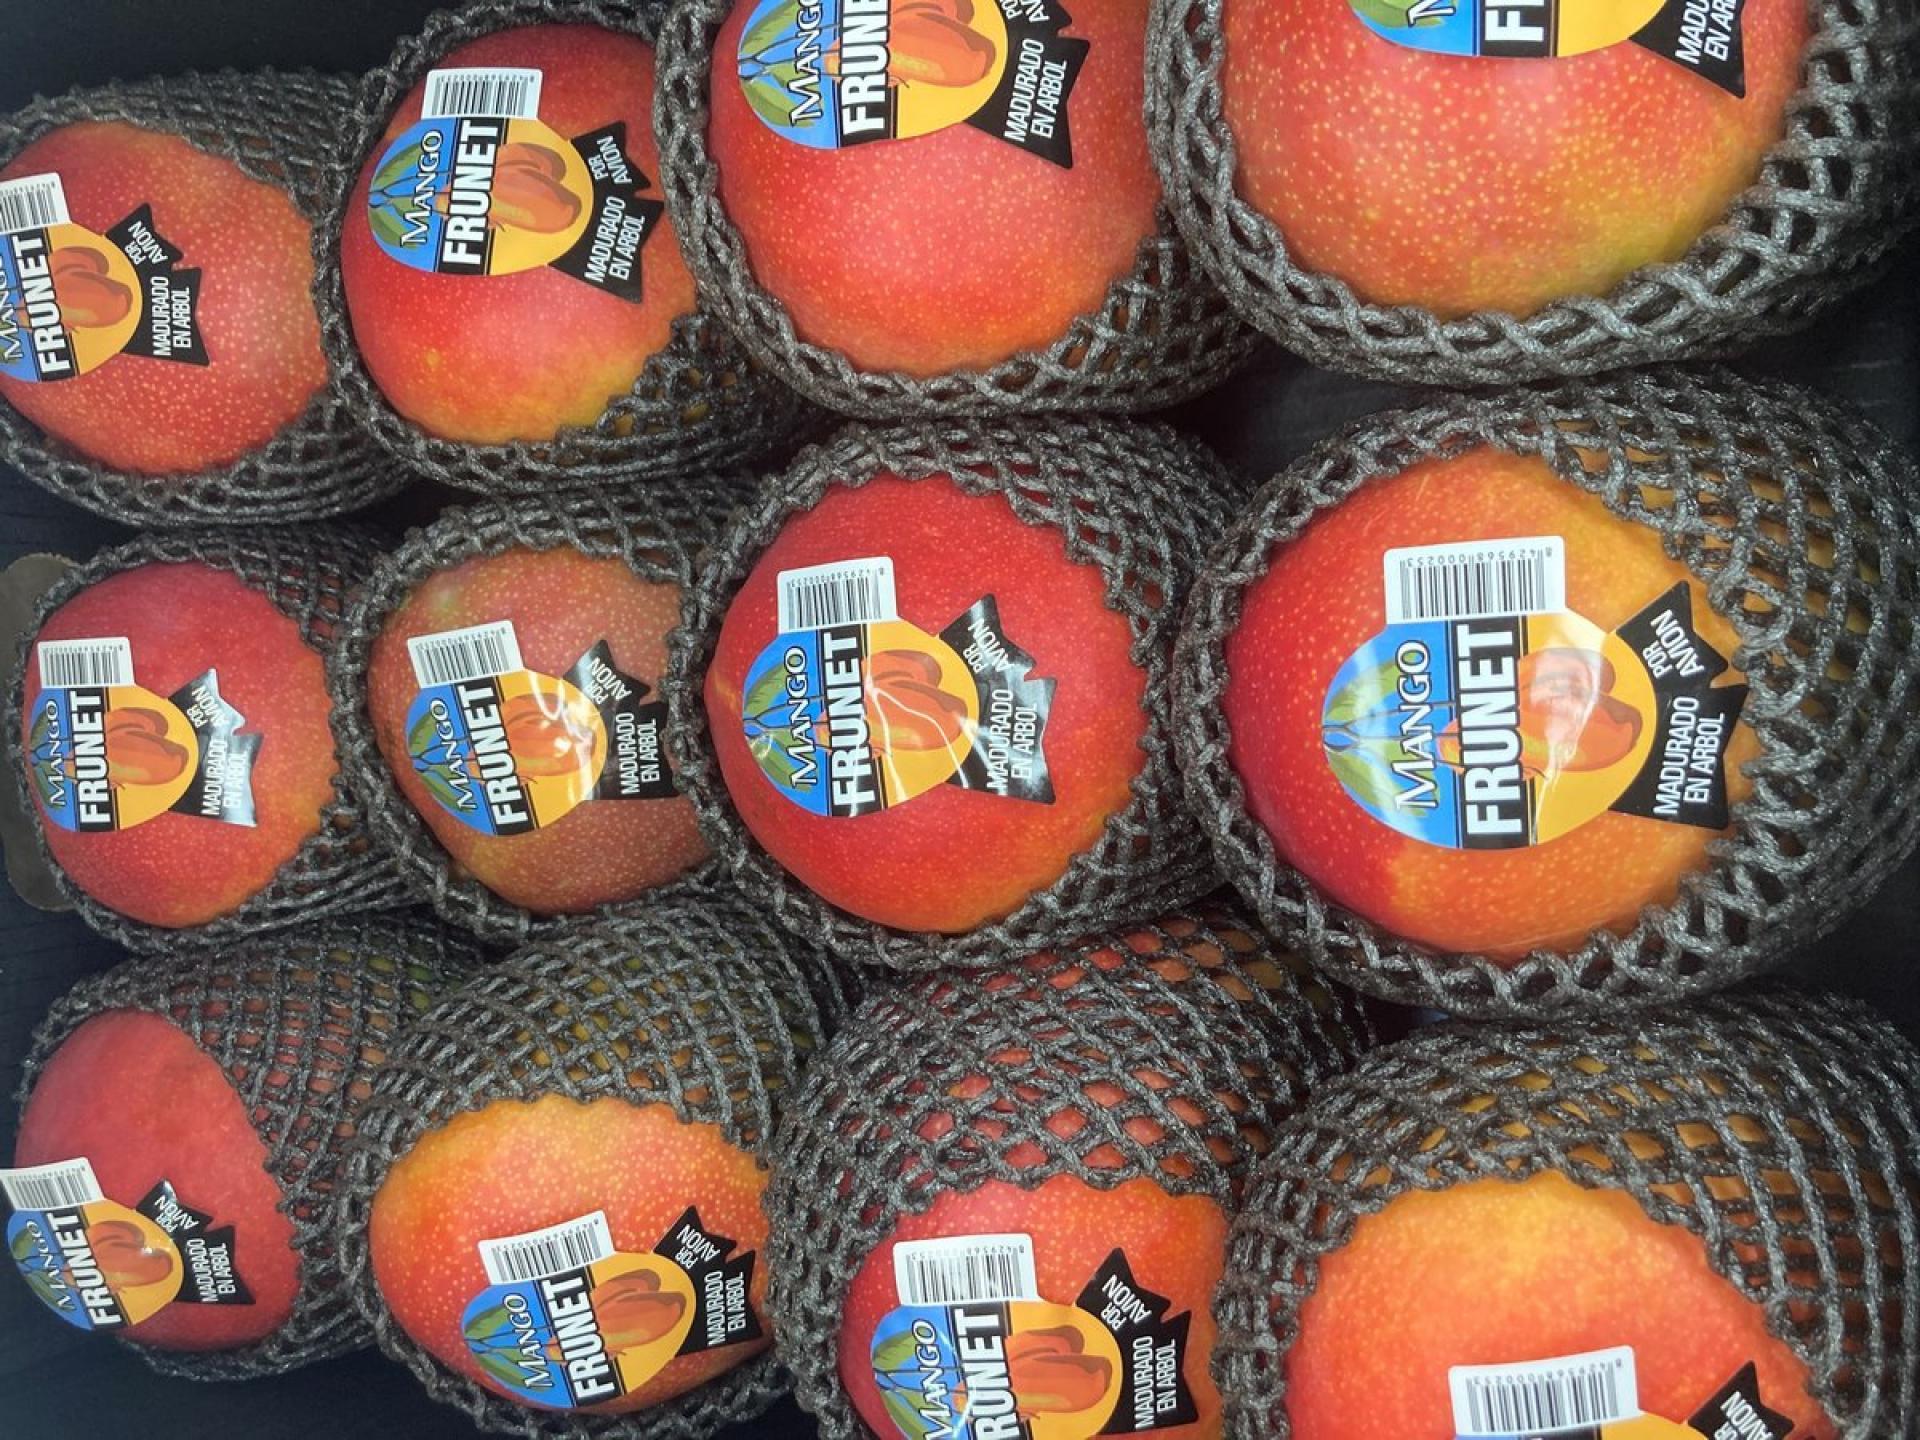 Королевский манго